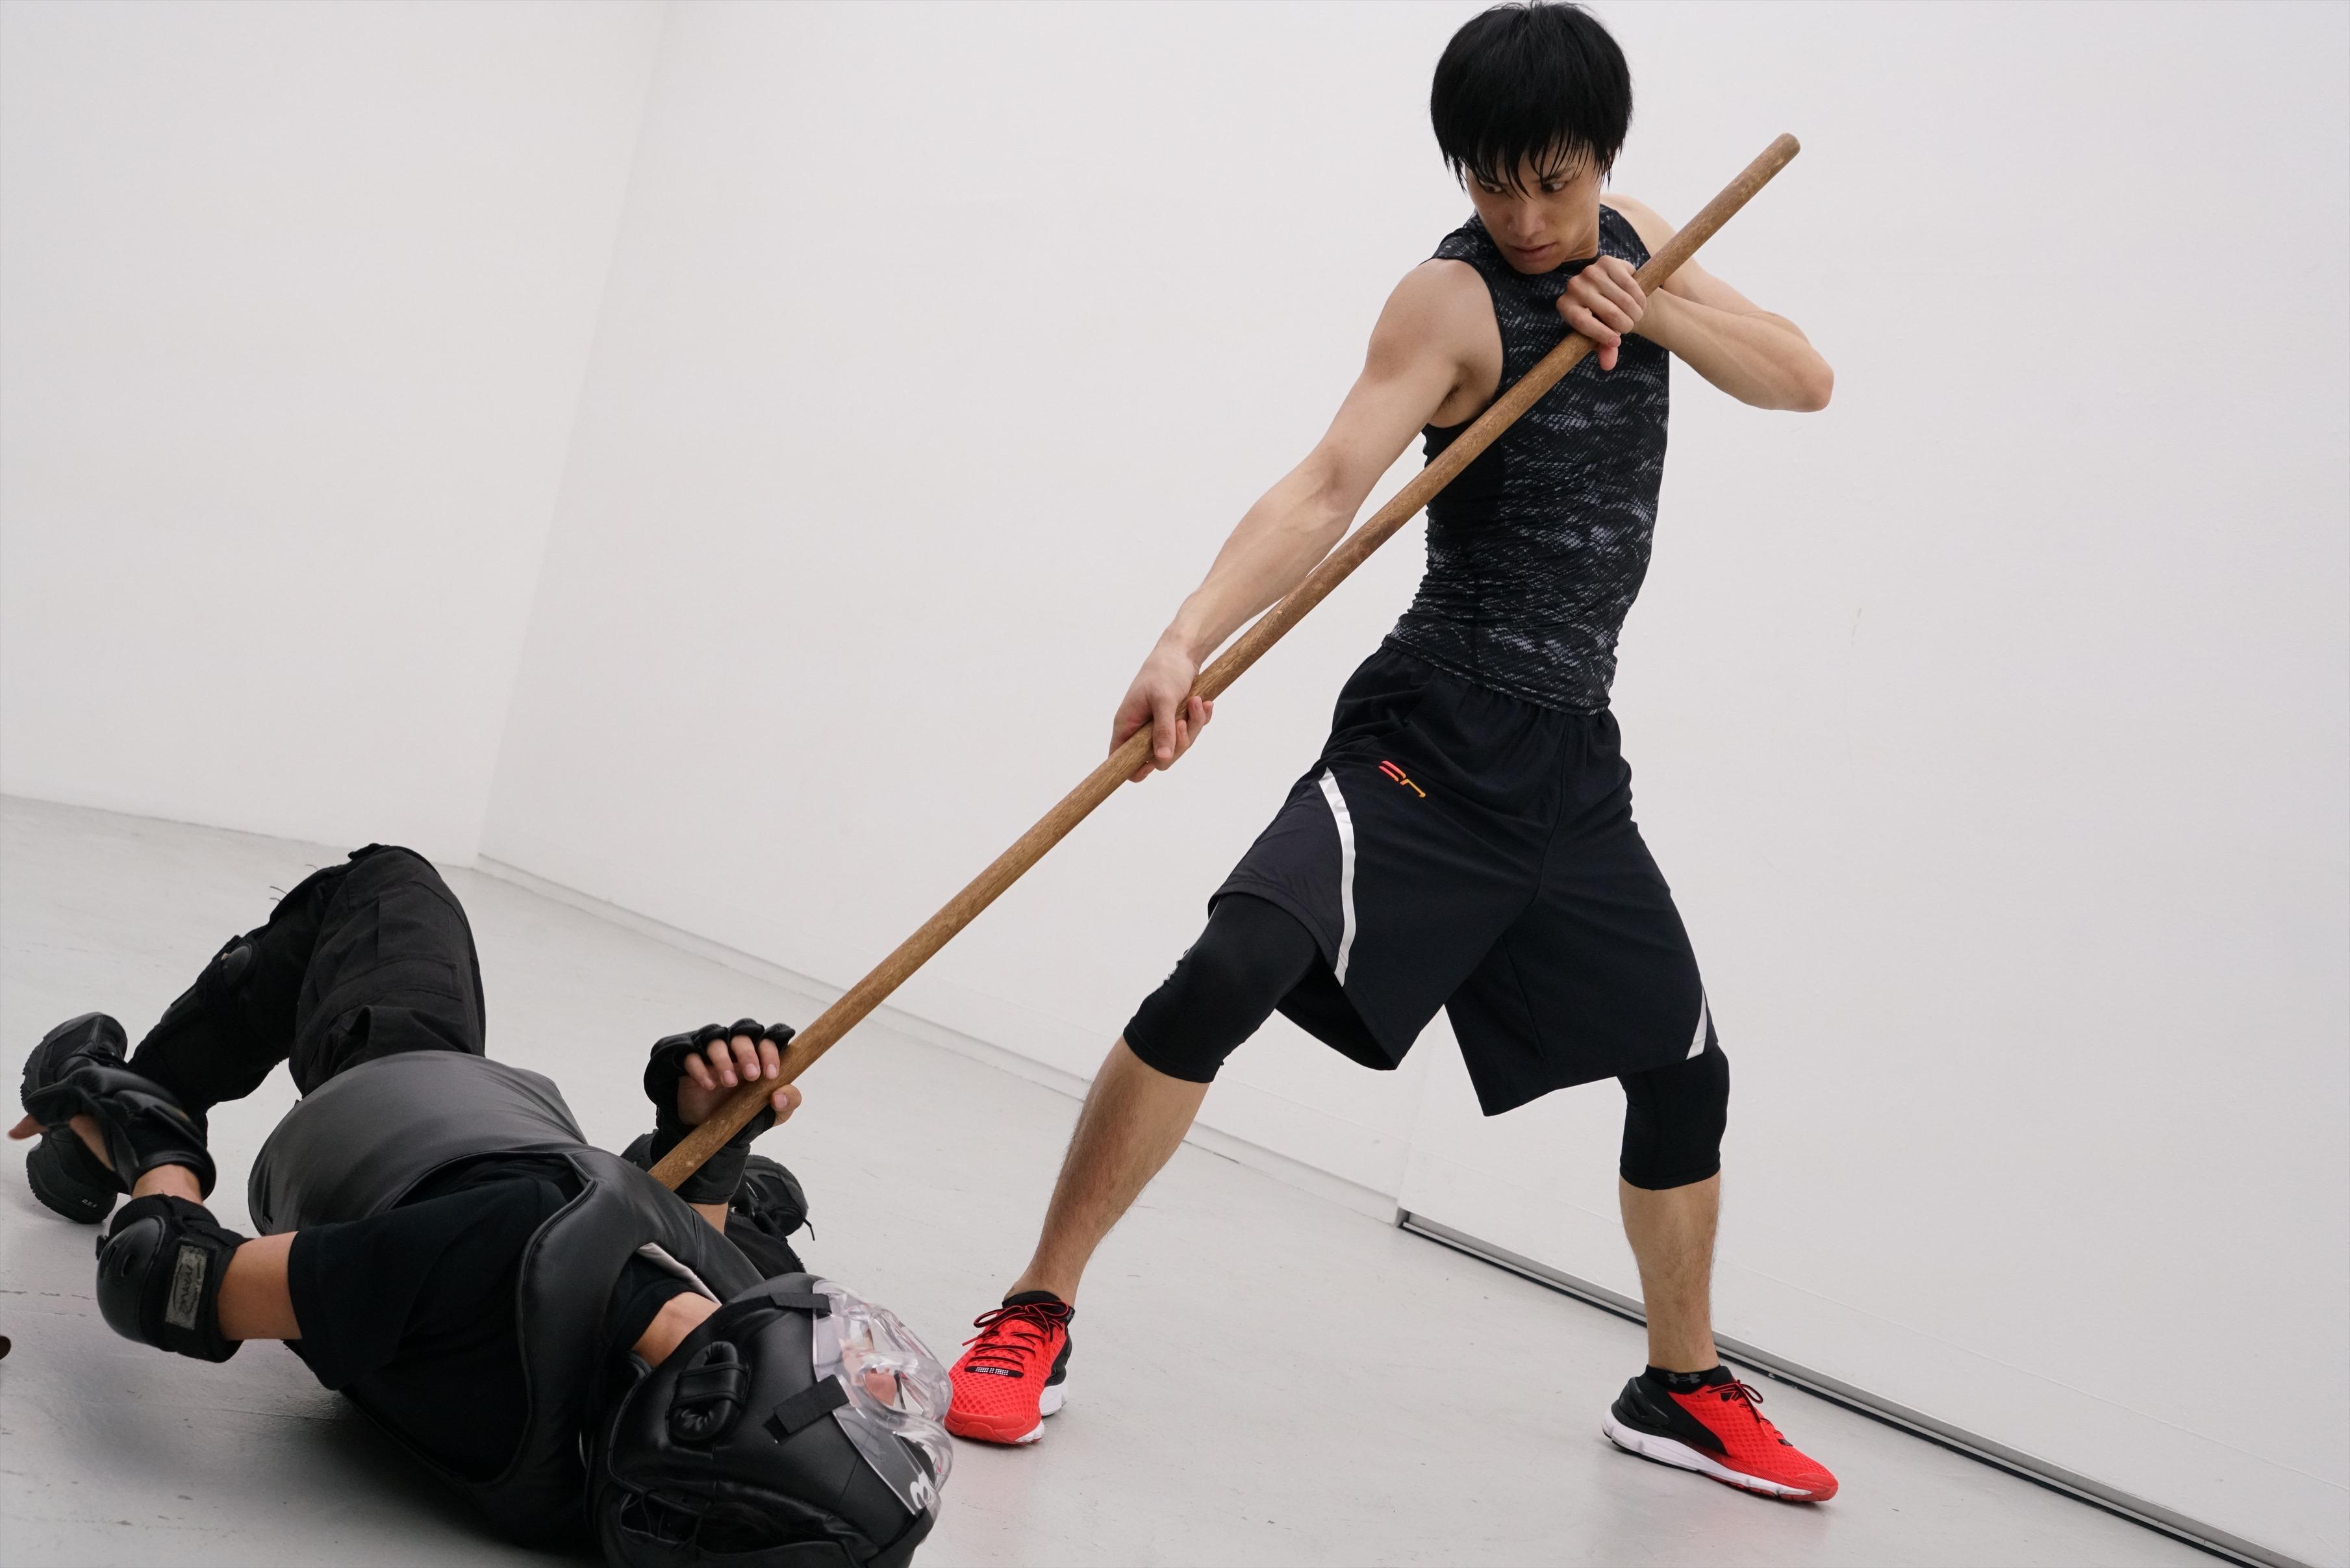 全身から力強さを感じる鈴木伸之の高画質画像